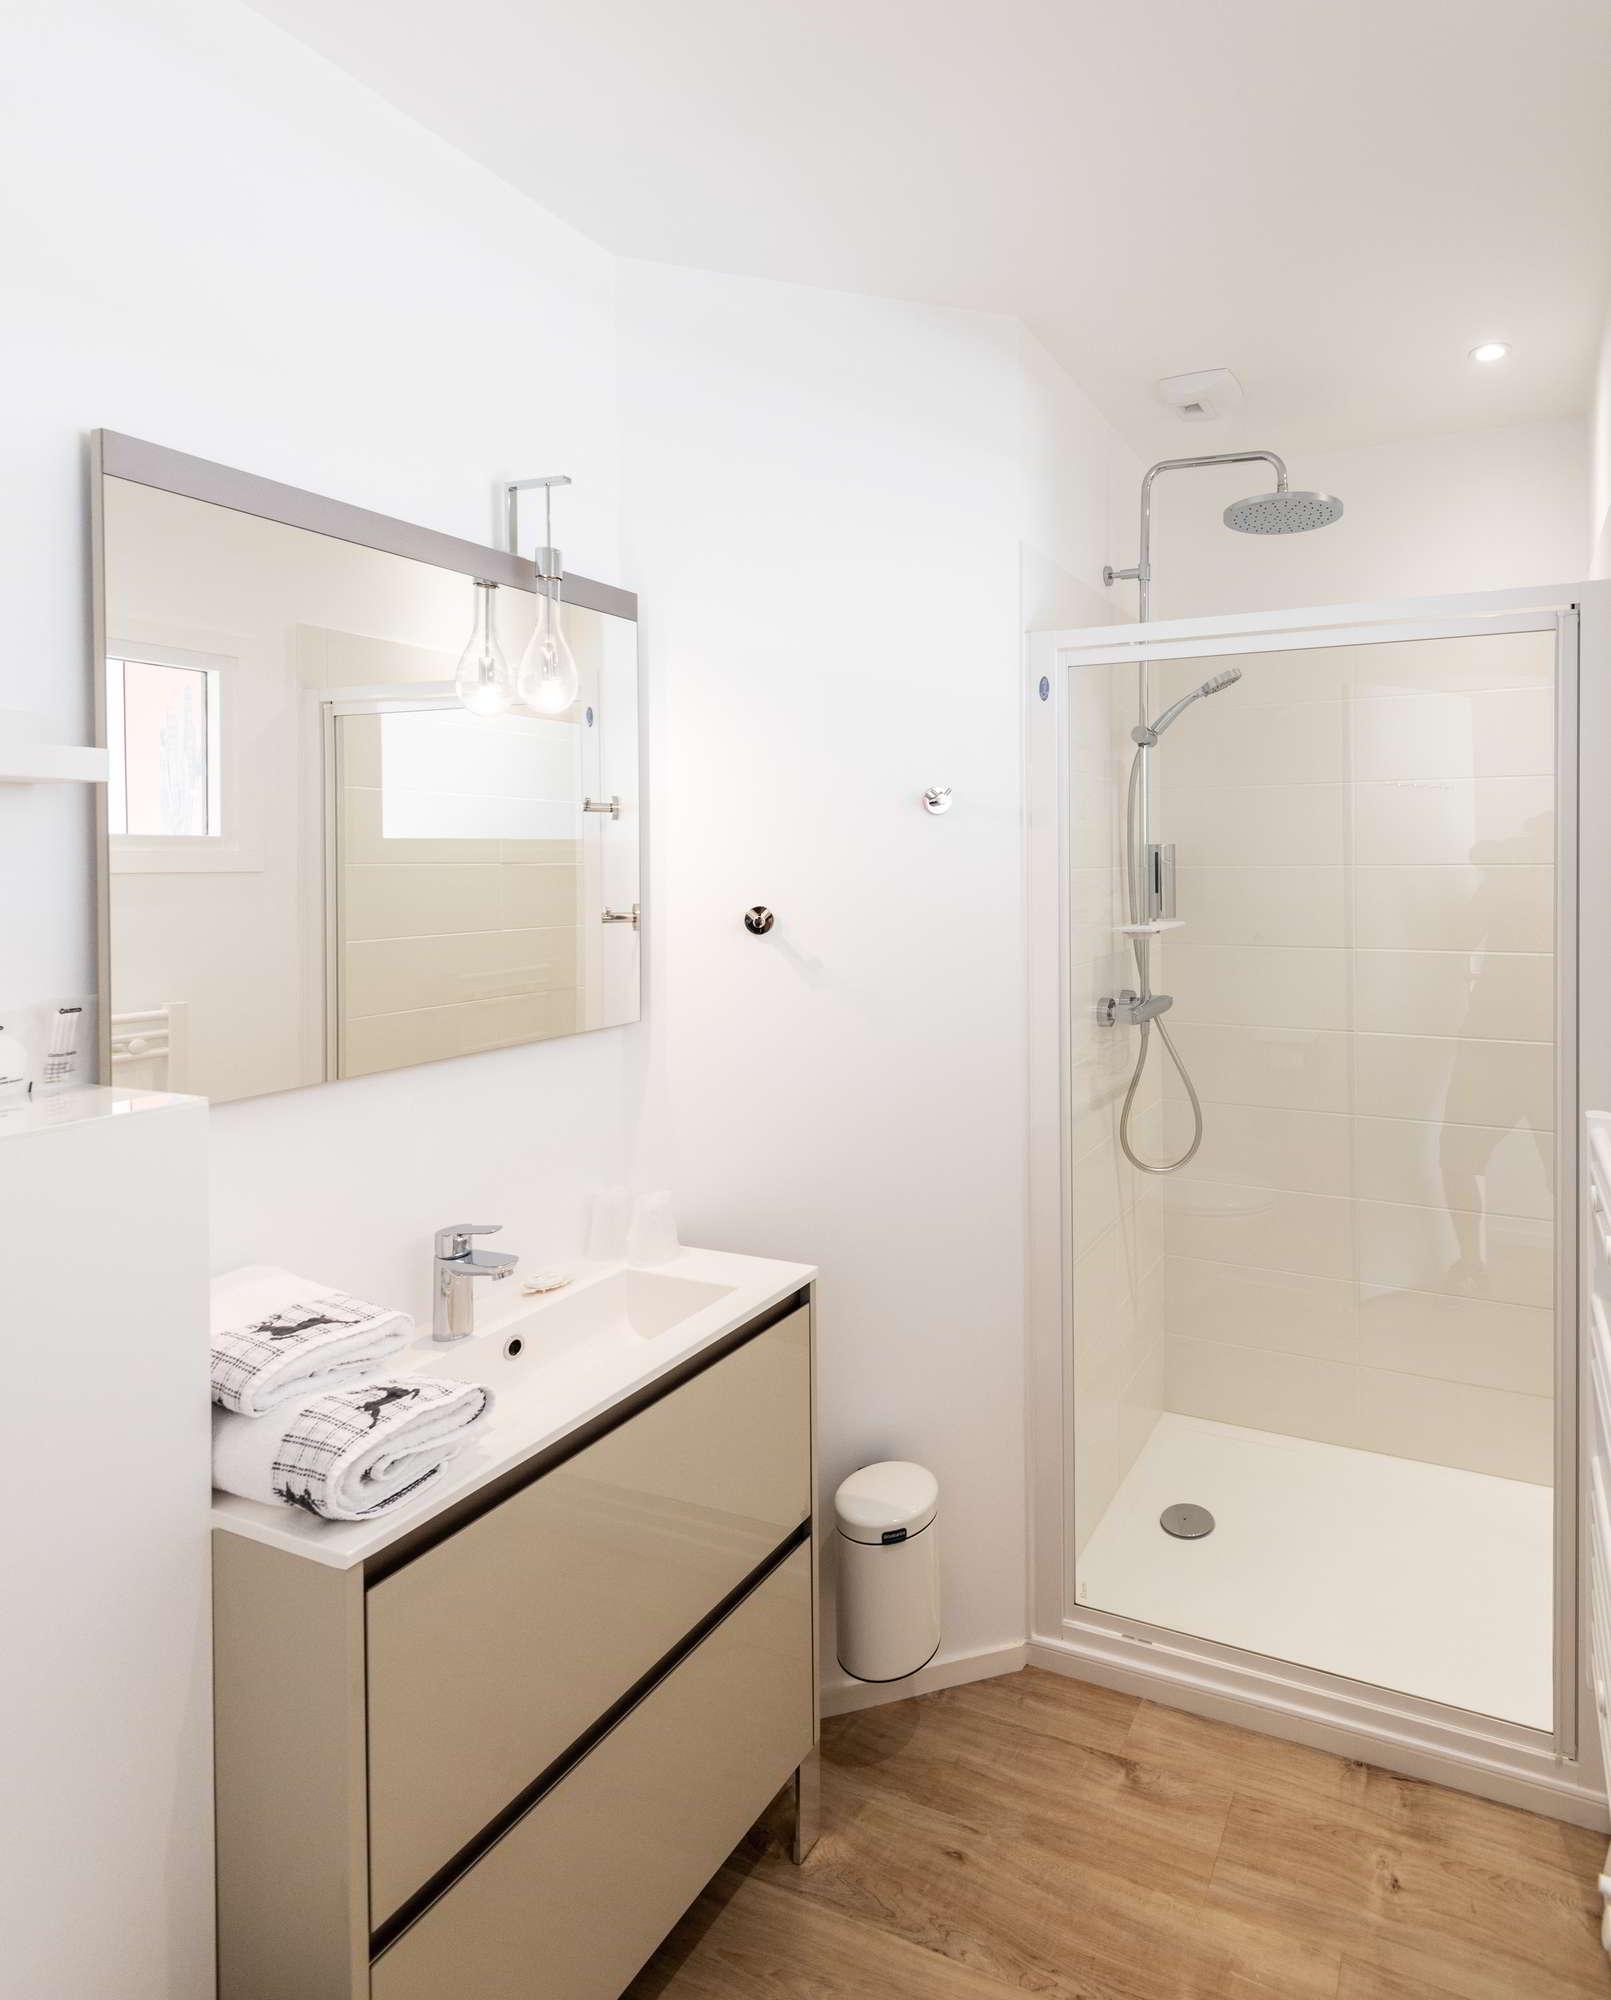 Salle de bain Maison d'hôtes Ploërmel